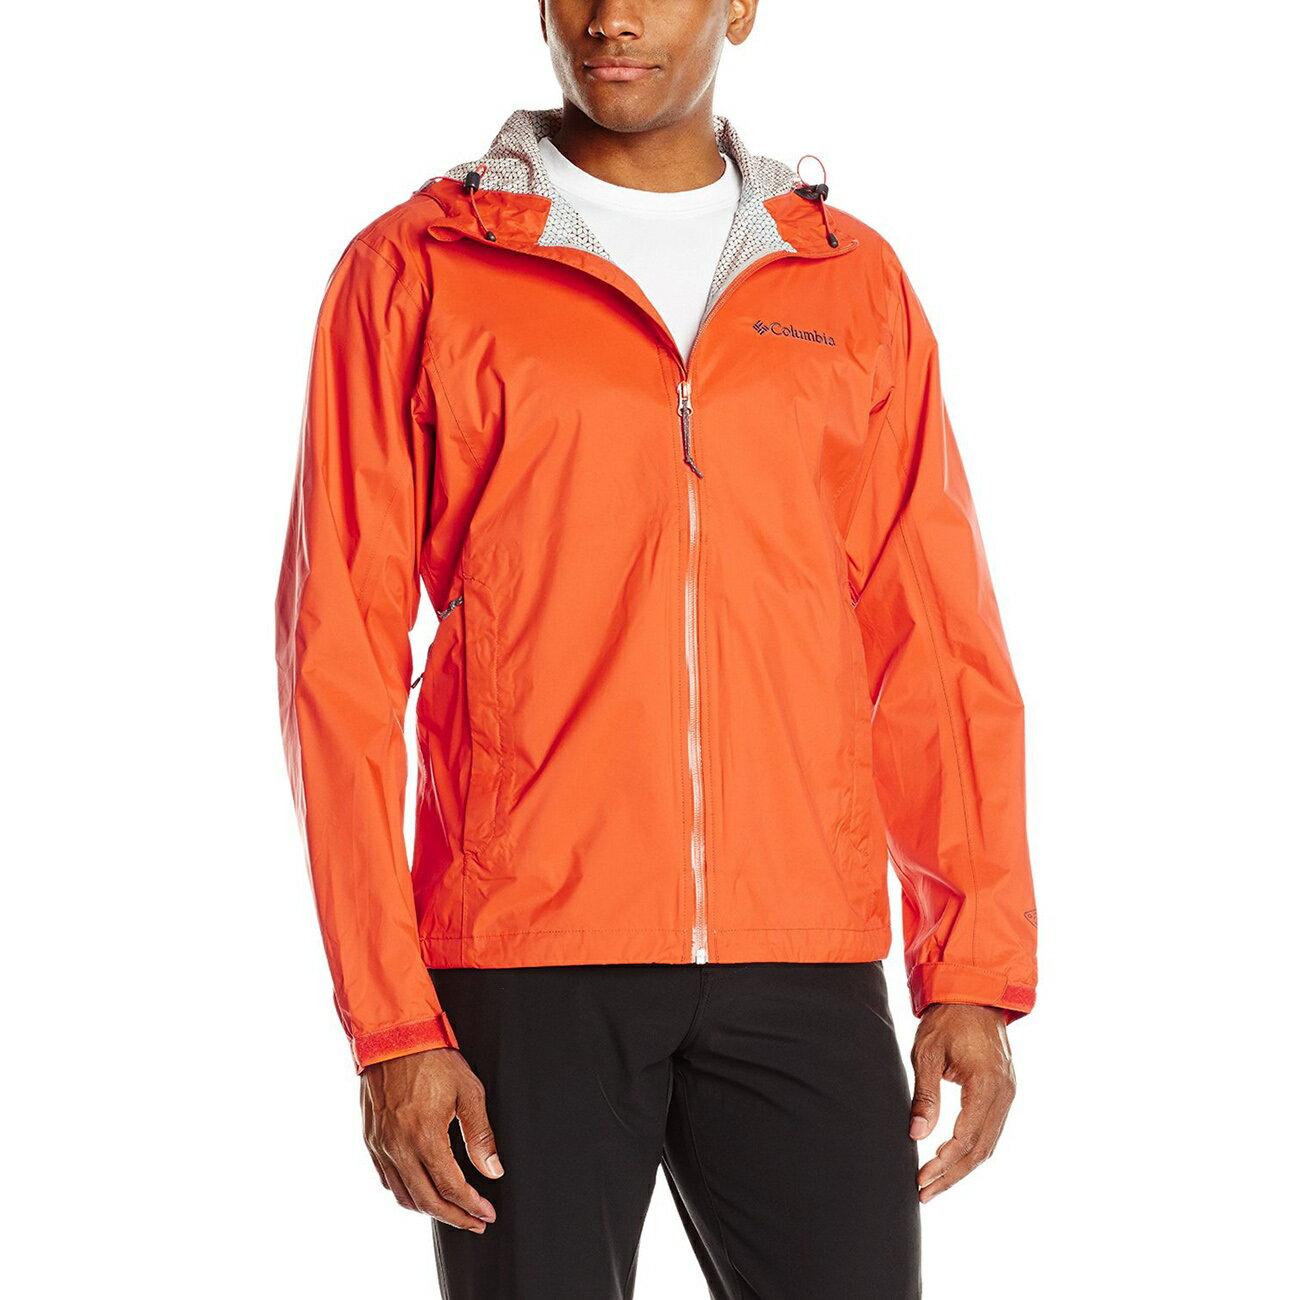 美國百分百【全新真品】Columbia 風衣 外套 哥倫比亞 防雨 多功能 防水 防污 防風 輕量 橘色 S號 F752